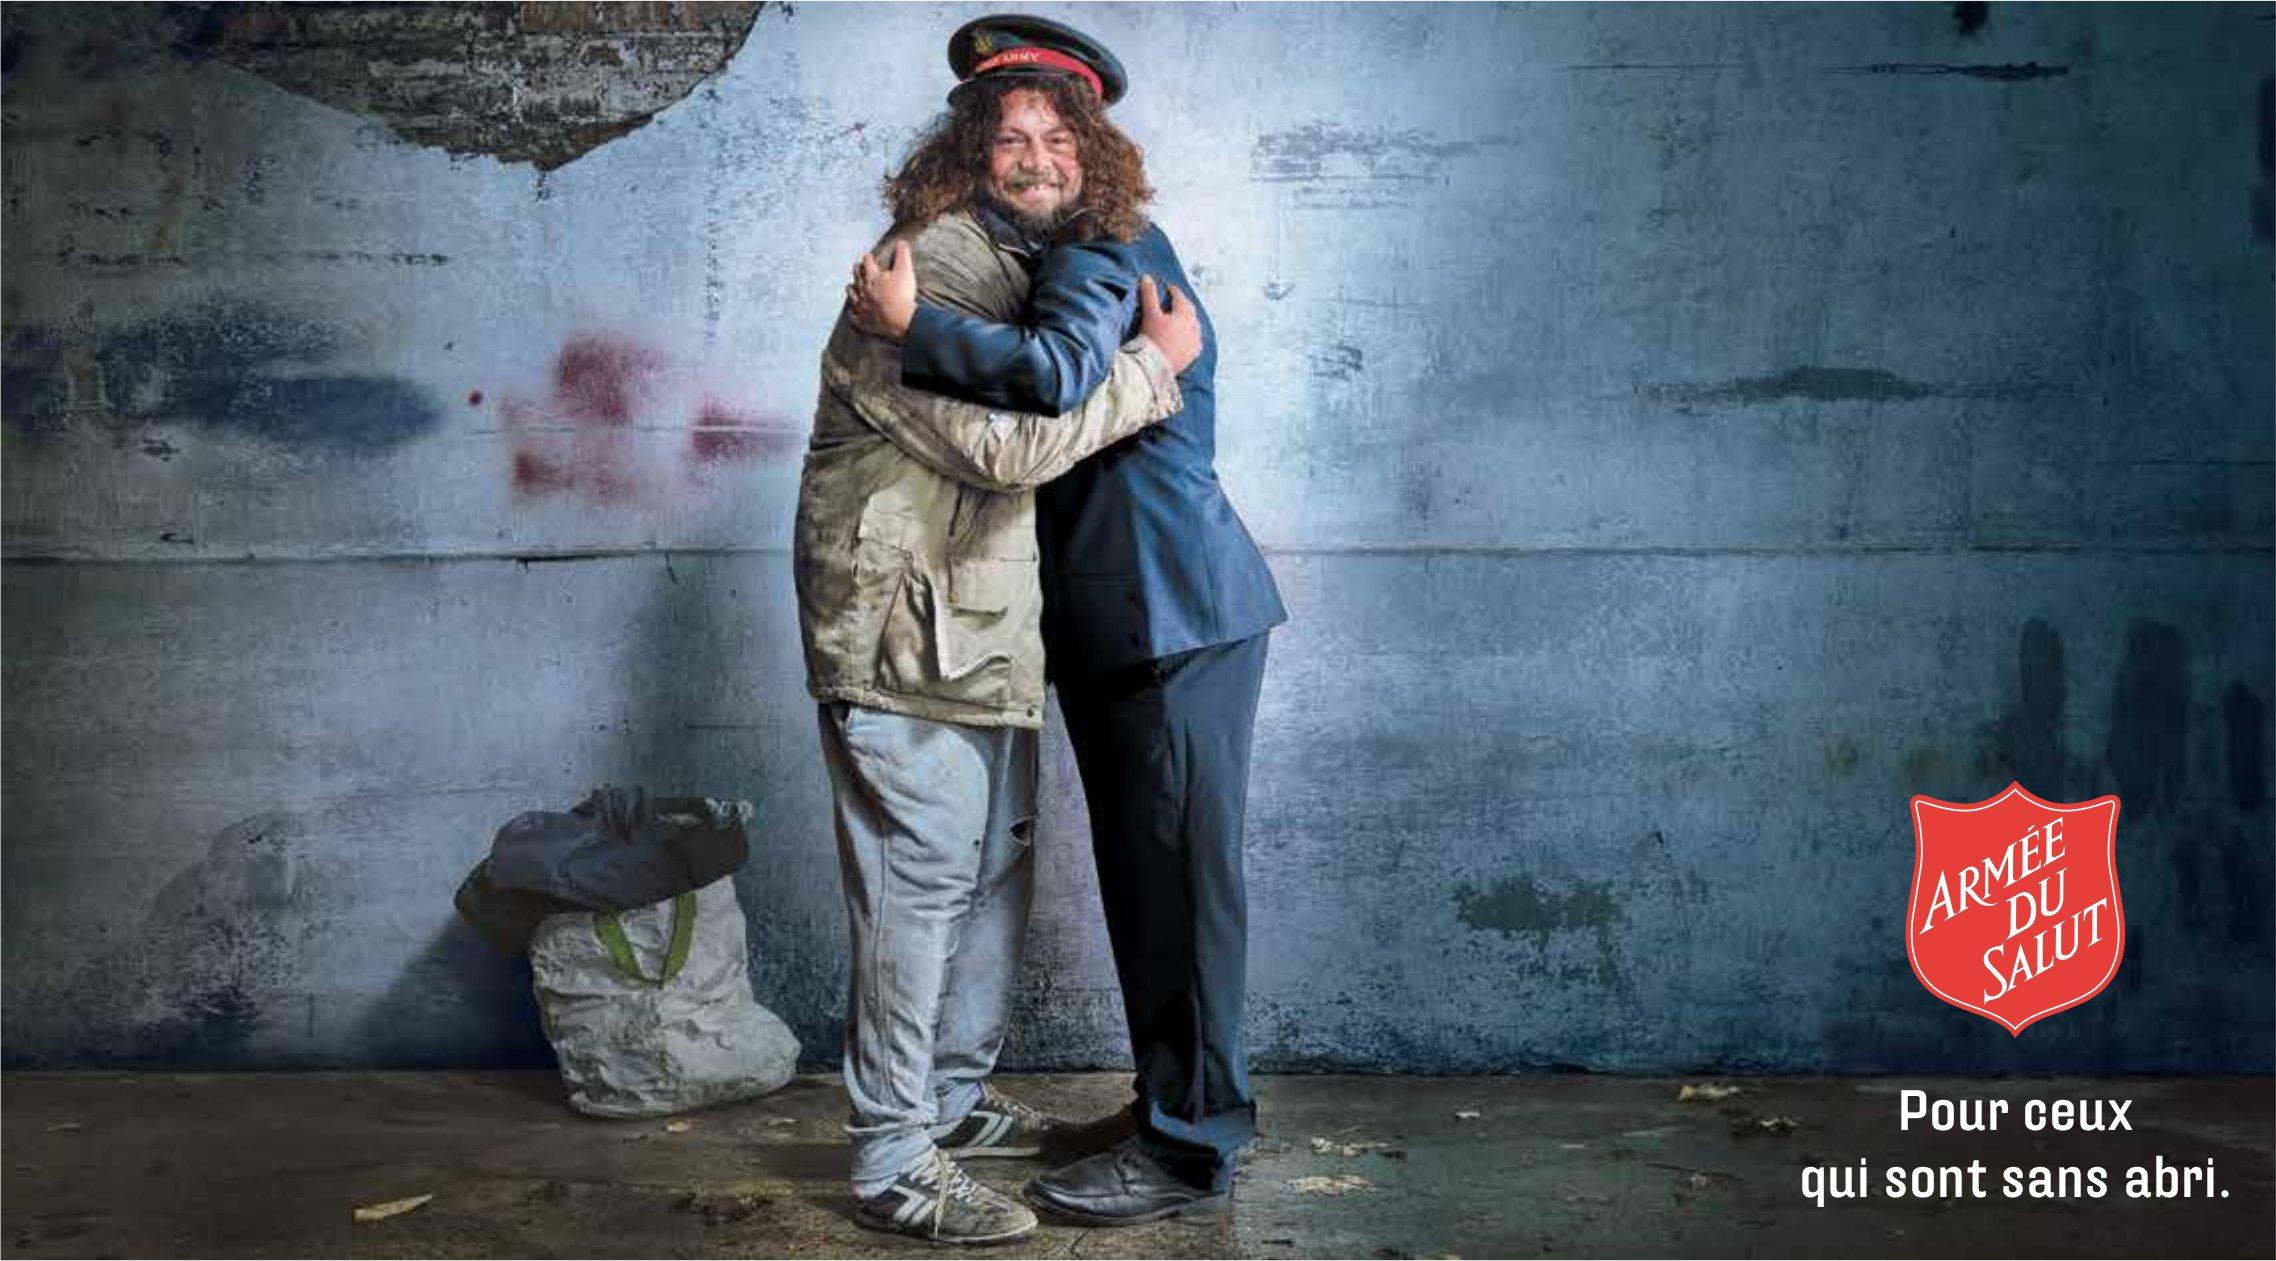 ARMÉE DU SALUT - Pour ceux qui sont sans abri.